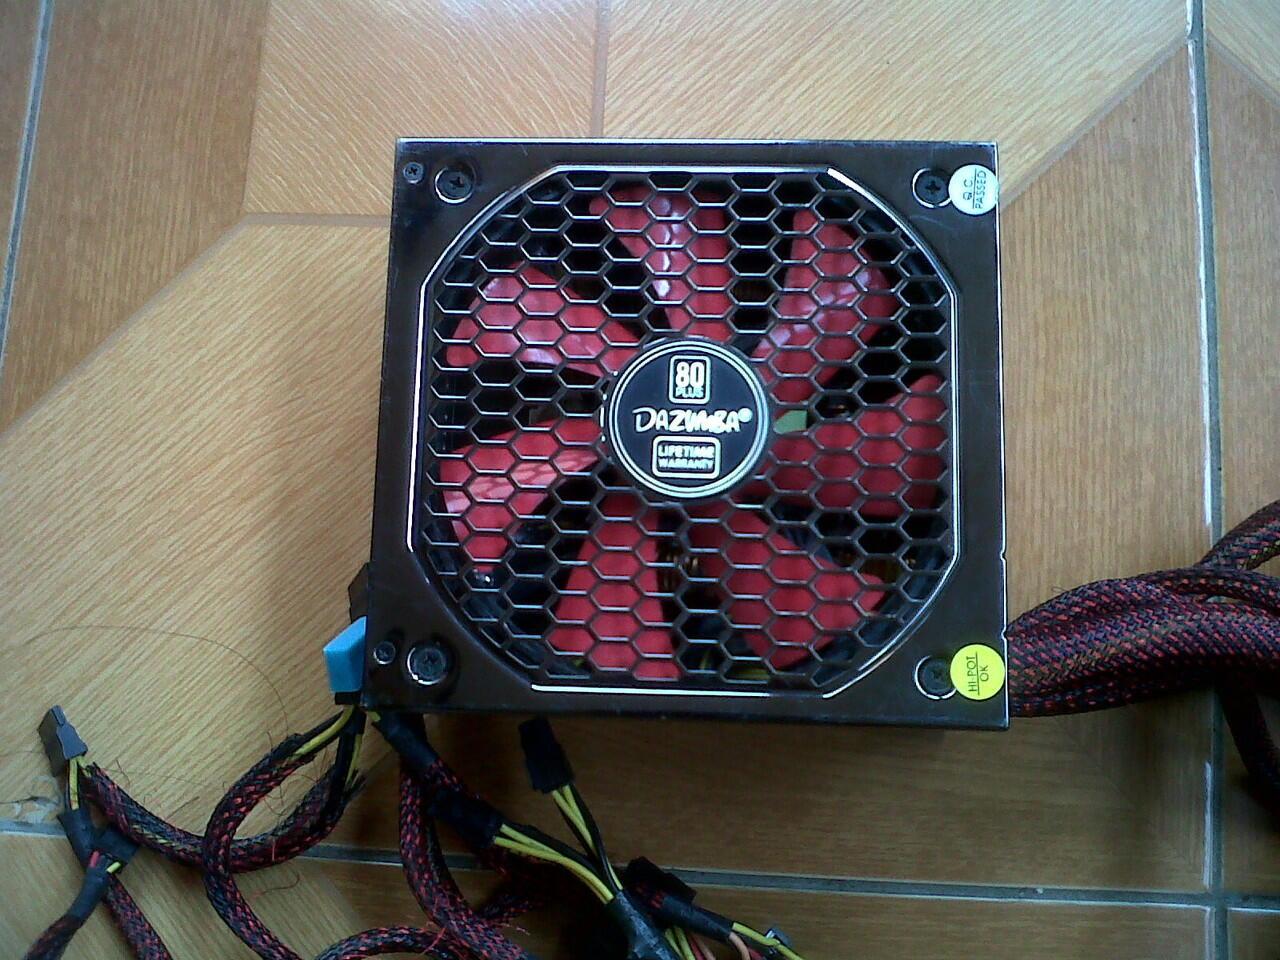 jual power supply dazumba 600watt, venom madara 650watt murahh